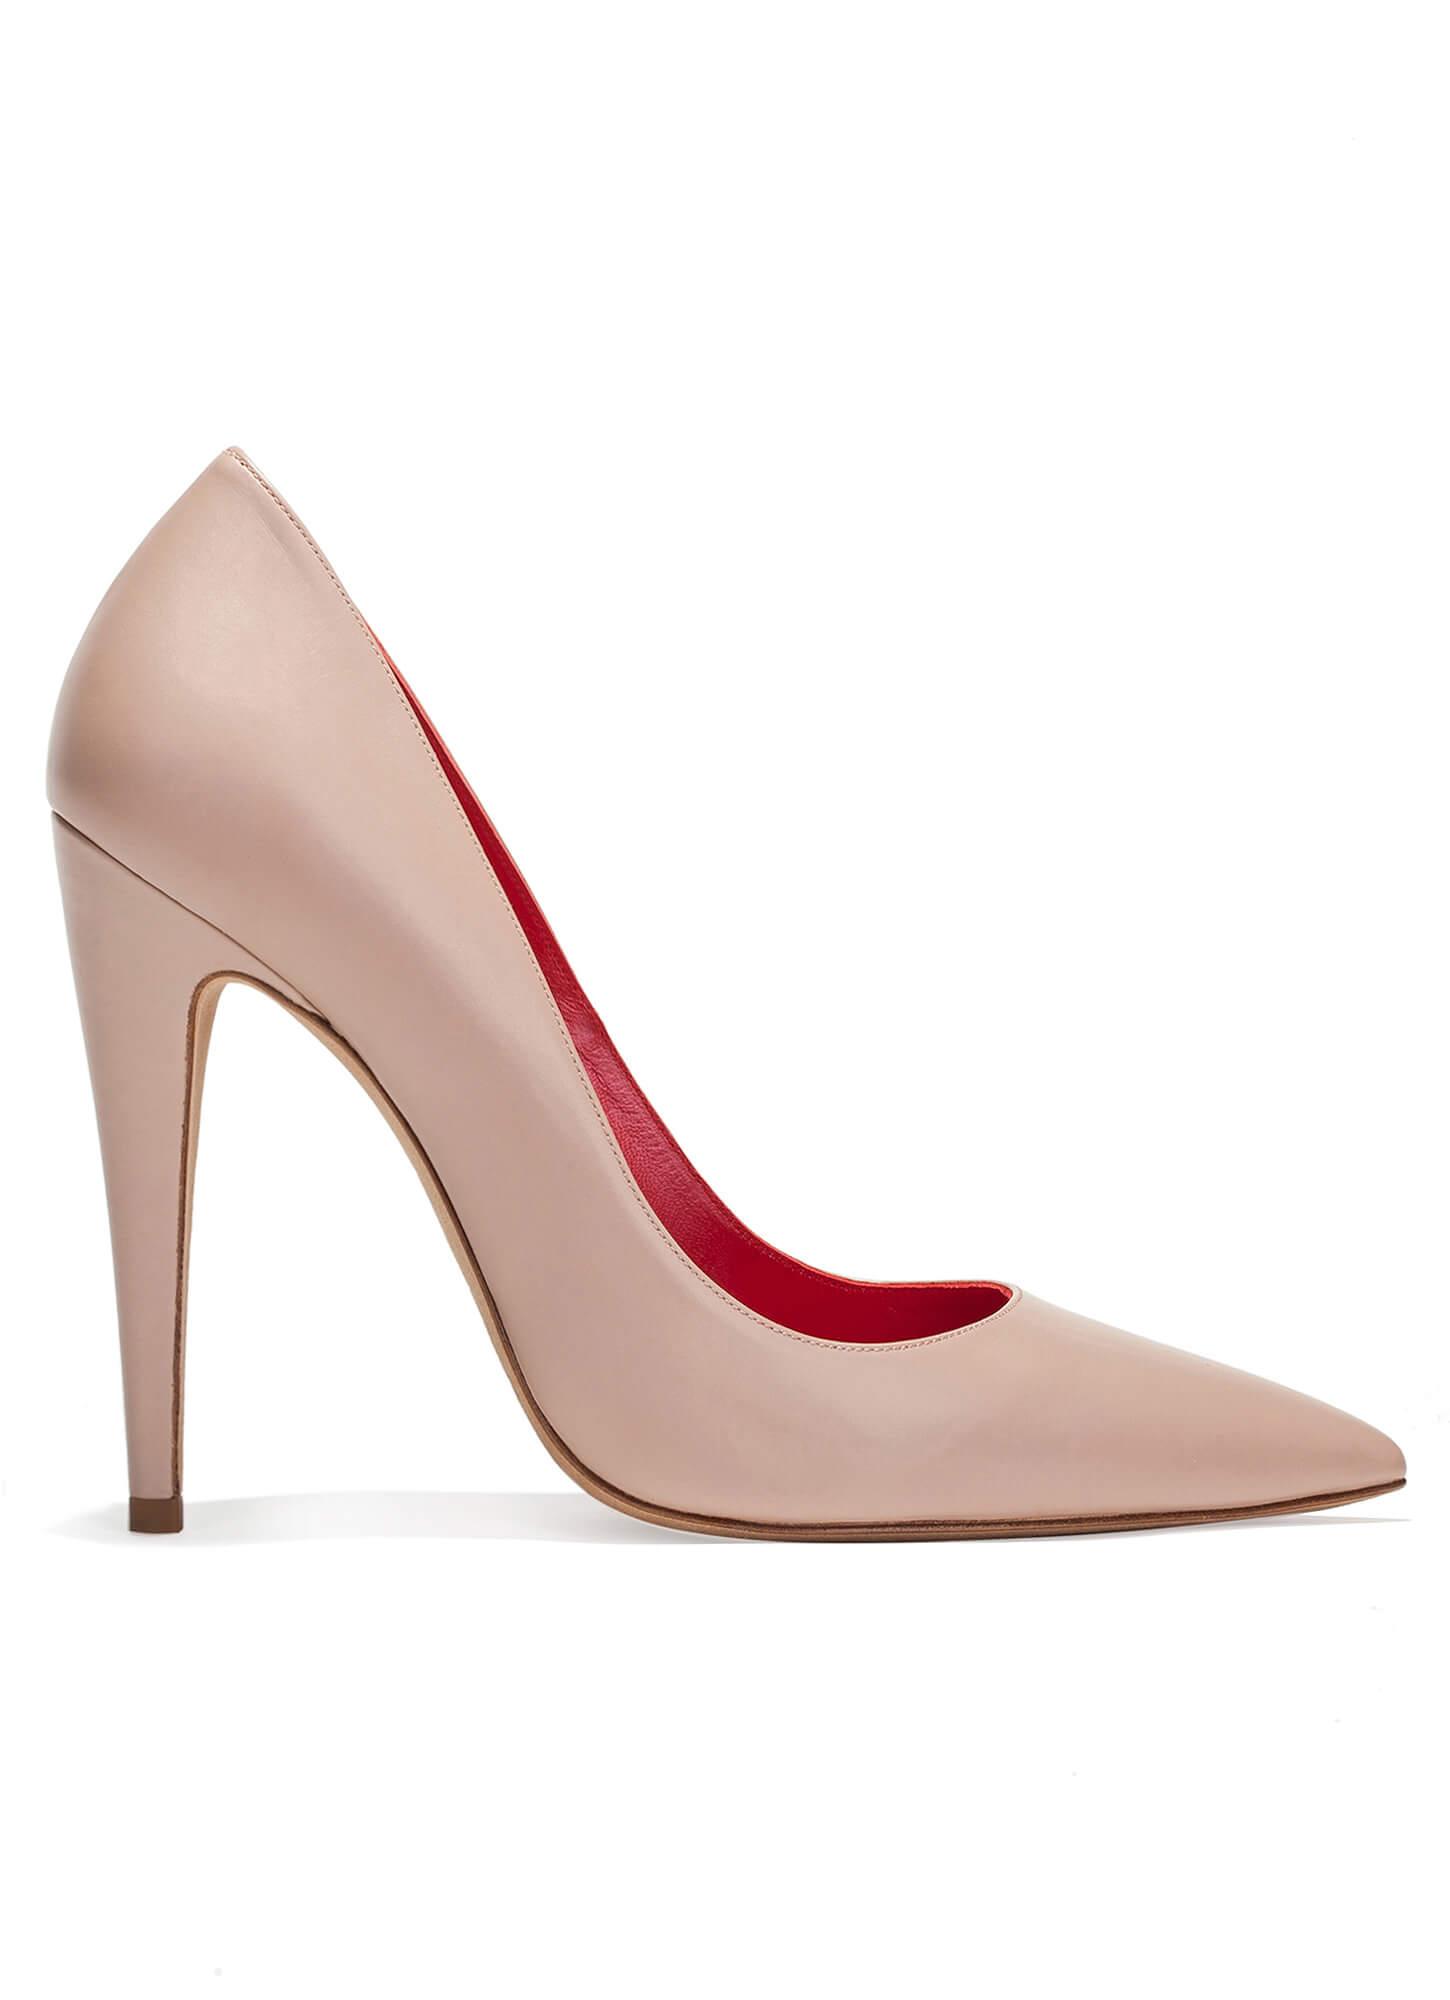 Zapatos de salón con tacón alto en piel nude ...